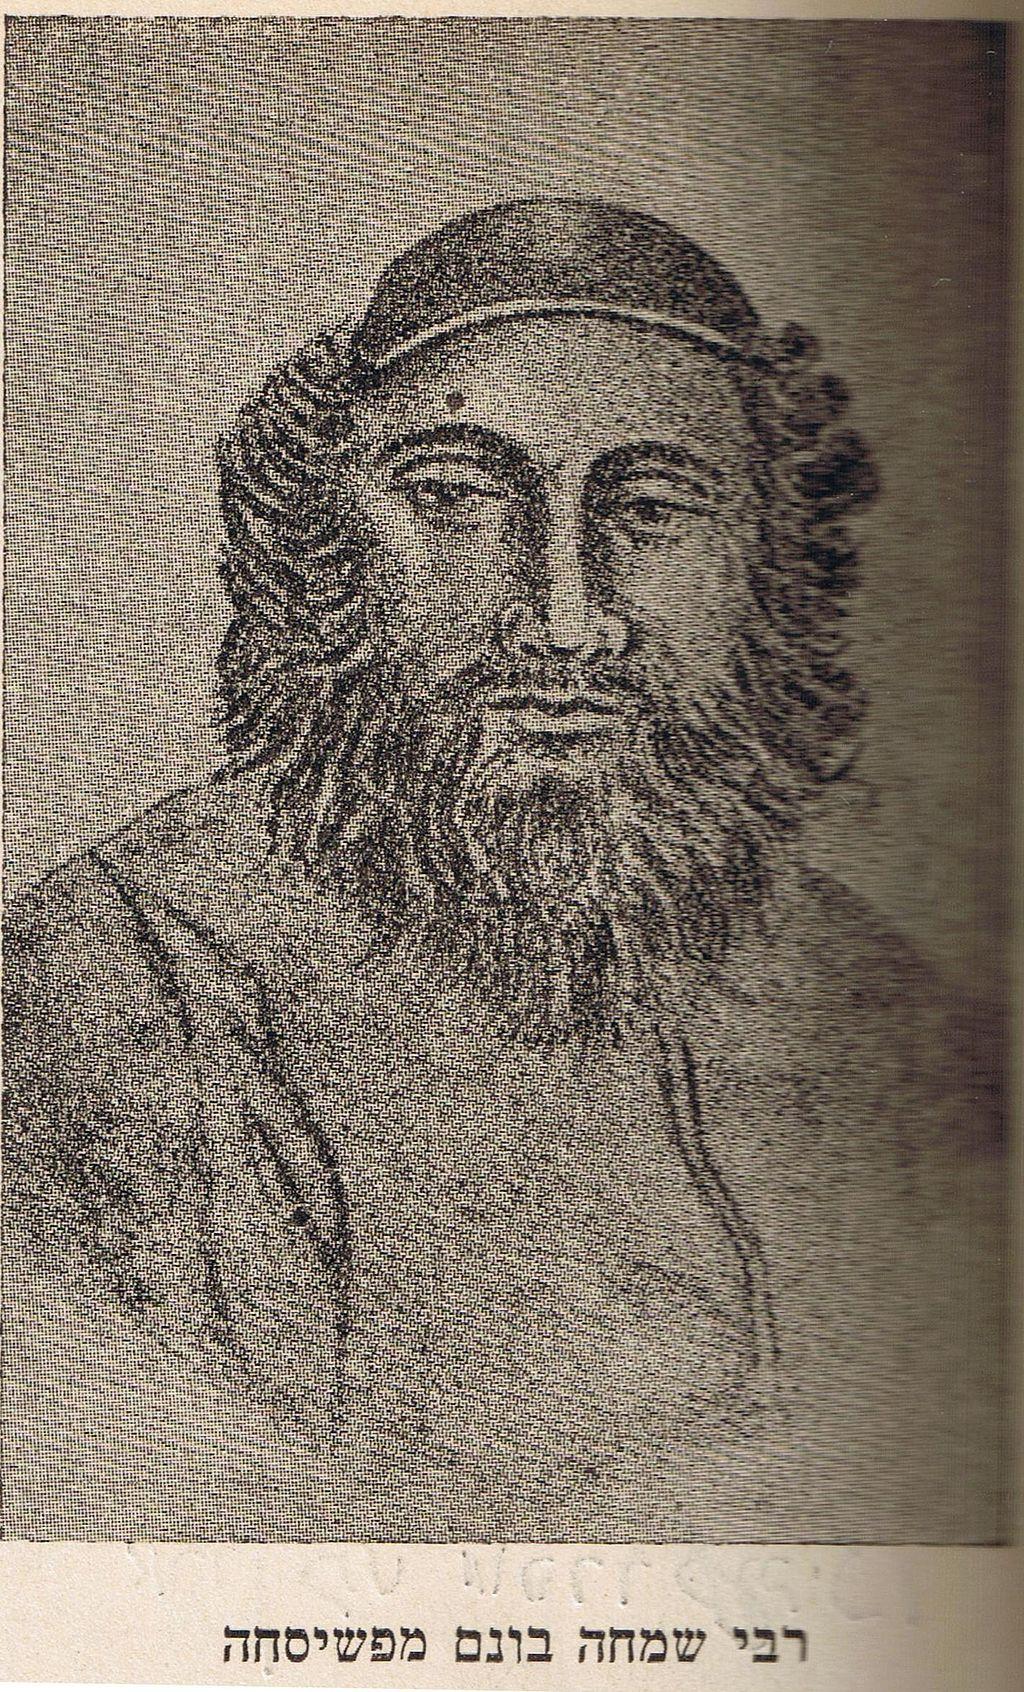 Rabbi Simcha Bunim of Peshischa